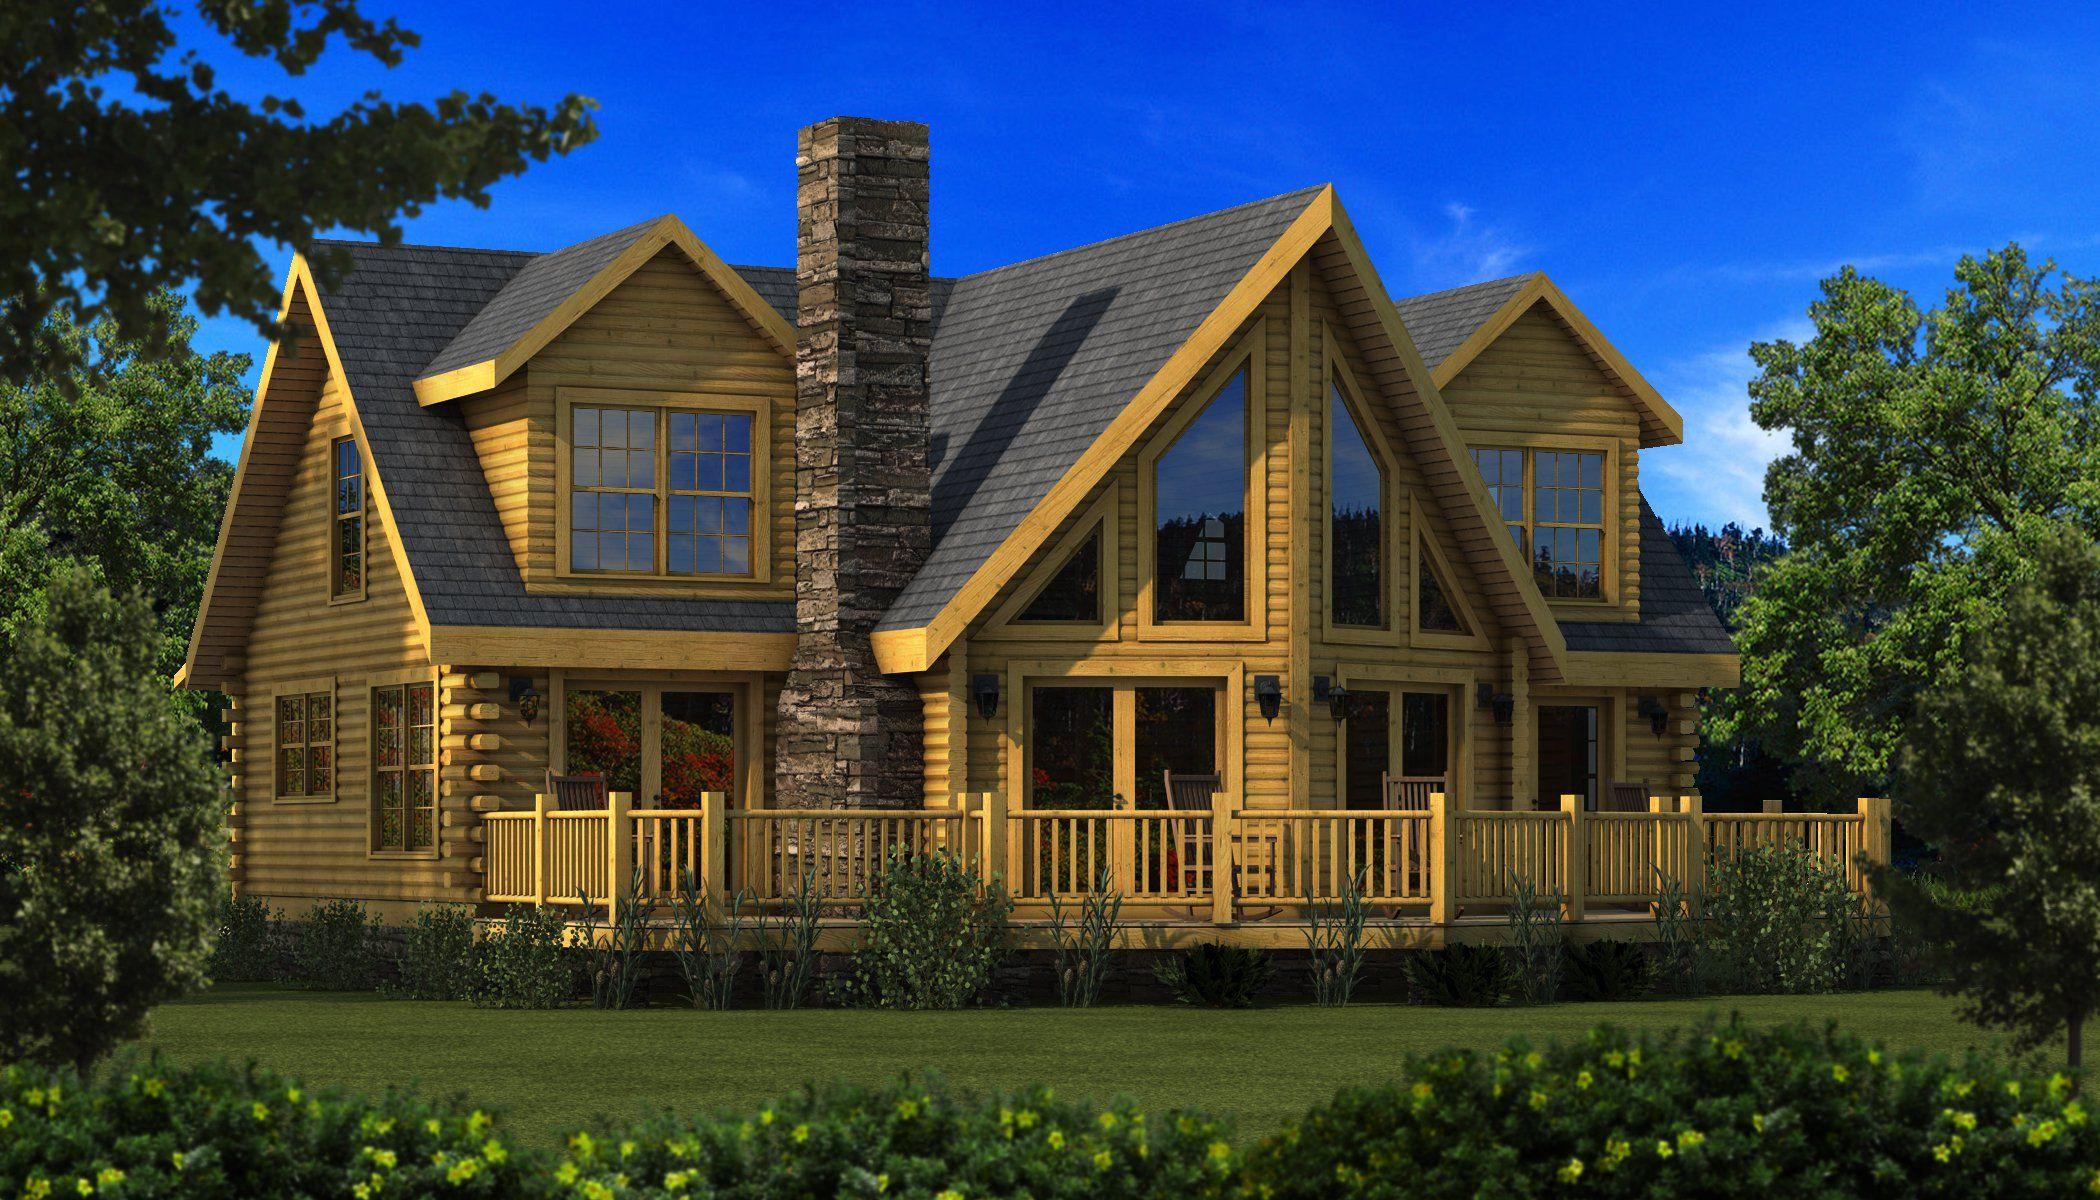 Danville Rear Elevation   Southland Log Homes. Danville Rear Elevation   Southland Log Homes   Houseplans